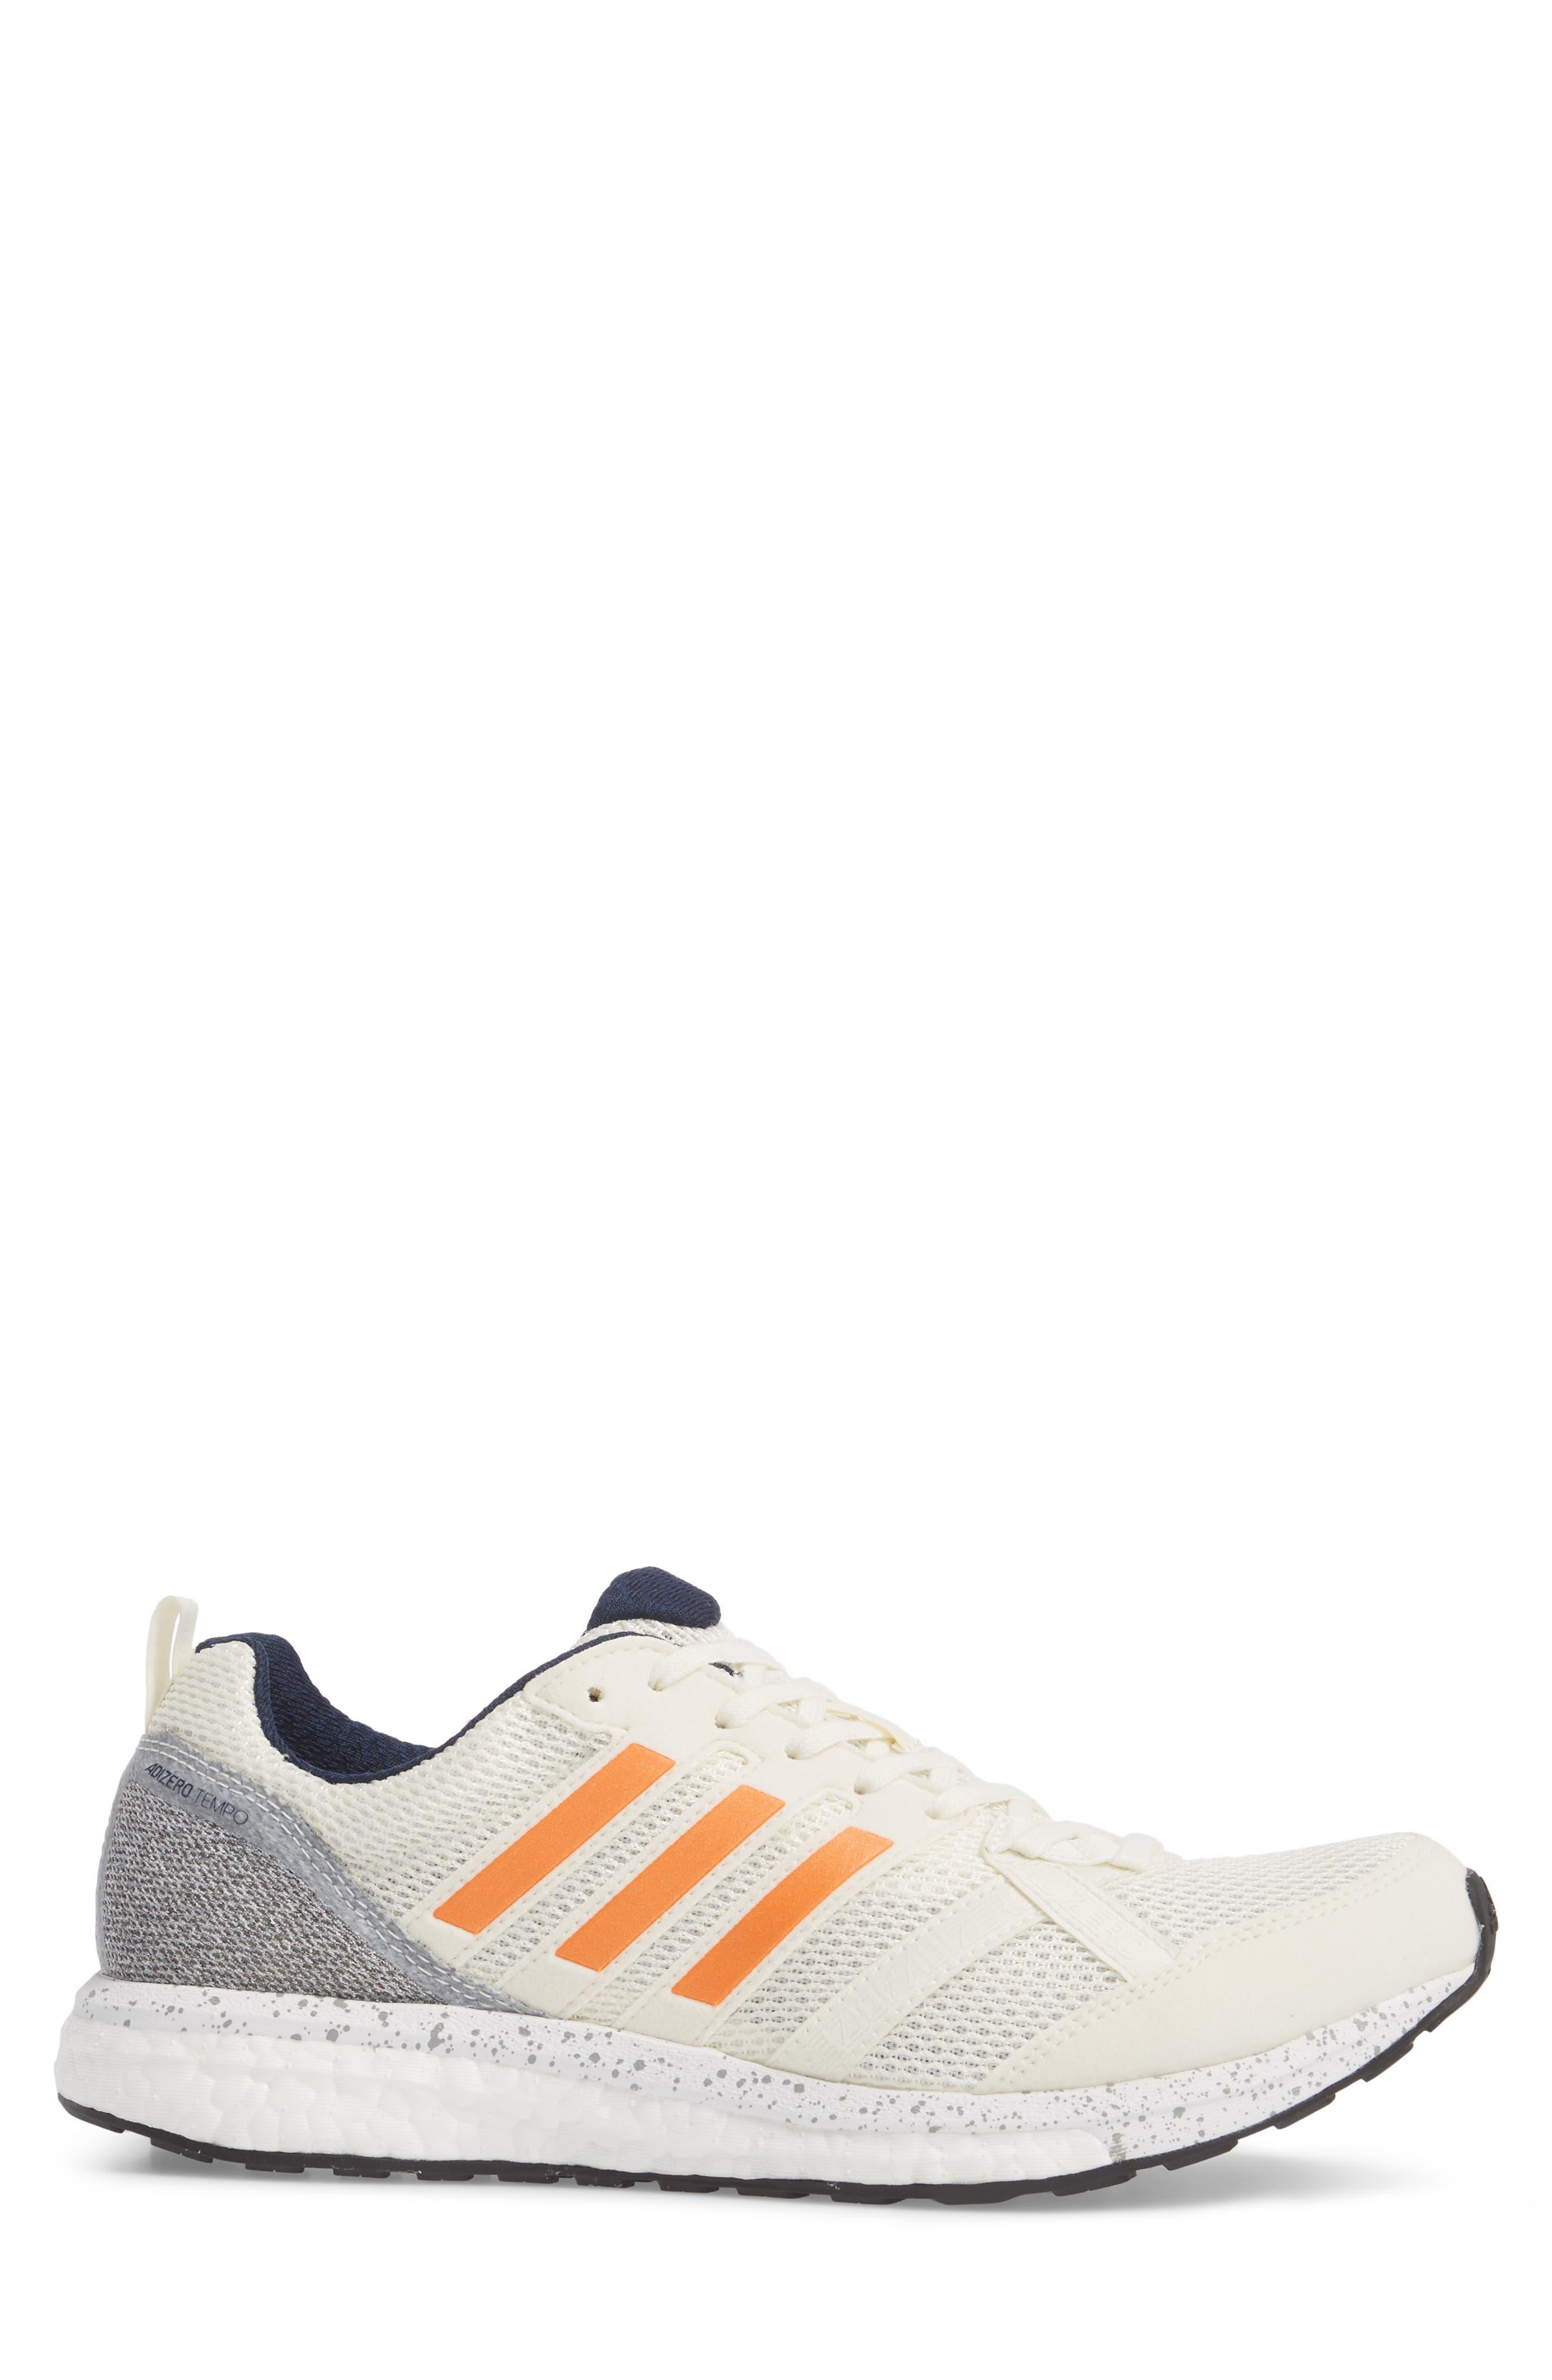 Alternate Image 3  - adidas Adizero Tempo 9 M Running Shoe (Men)